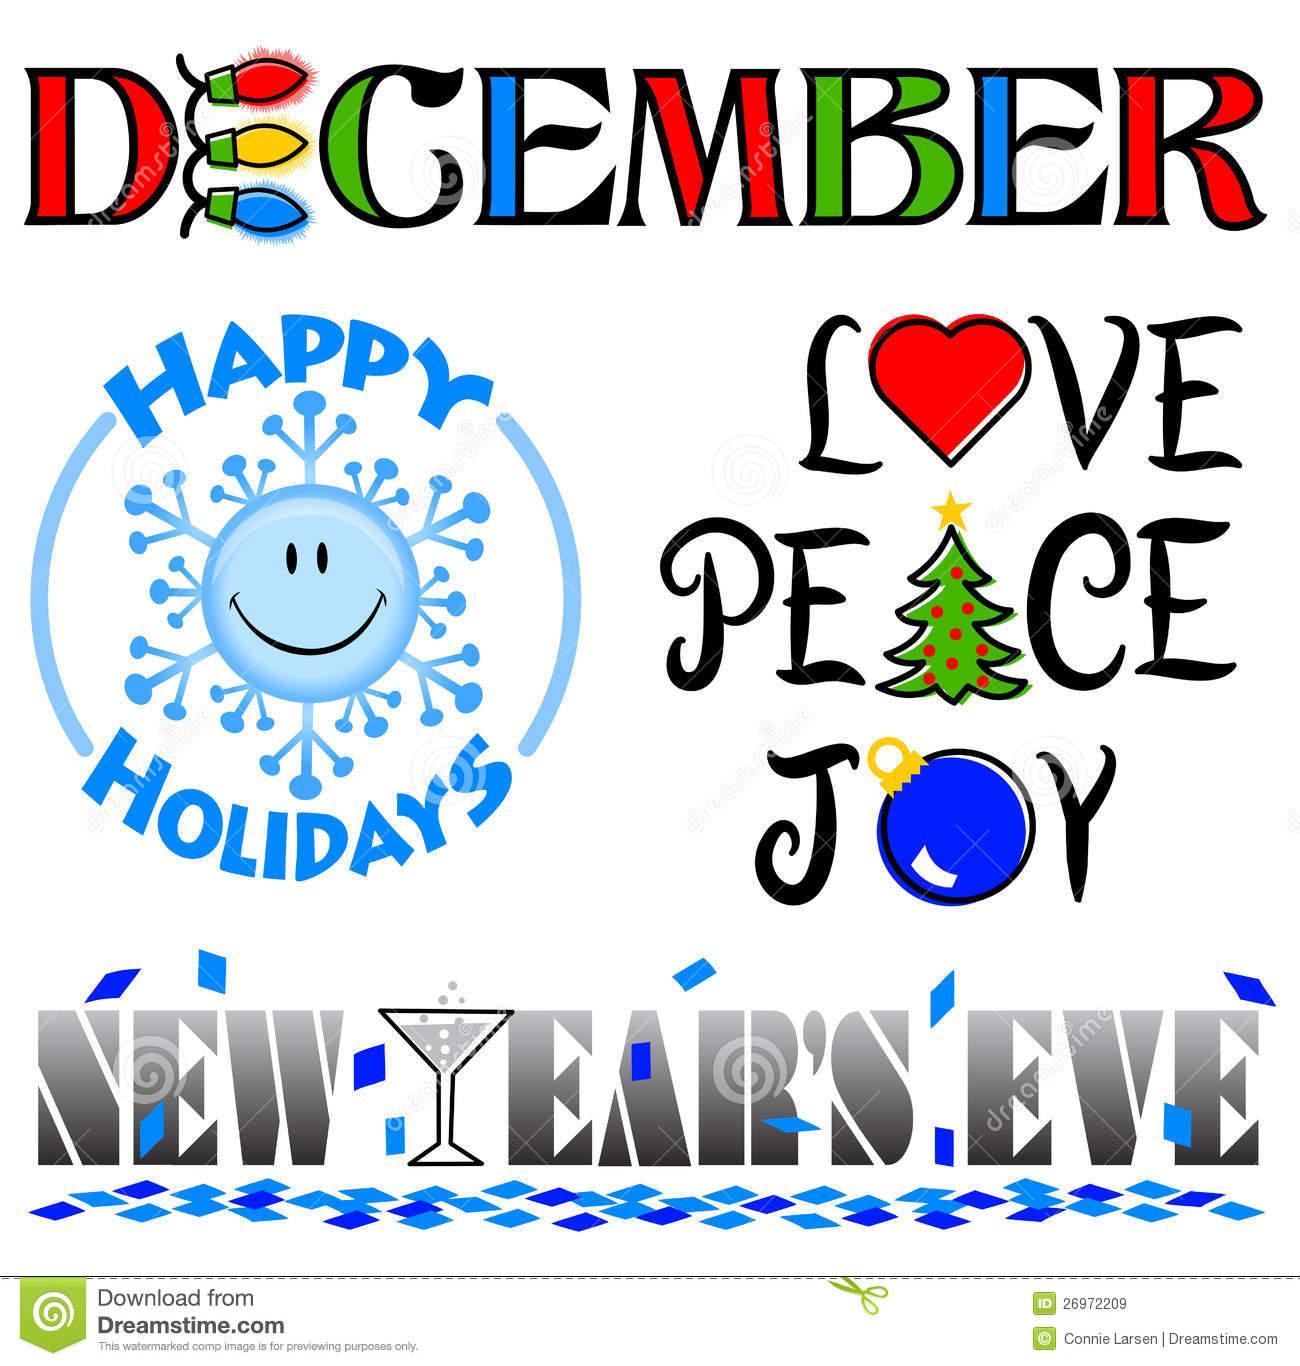 December Events Clip Art Set Eps Royalty-December Events Clip Art Set Eps Royalty Free Stock Images Image-6